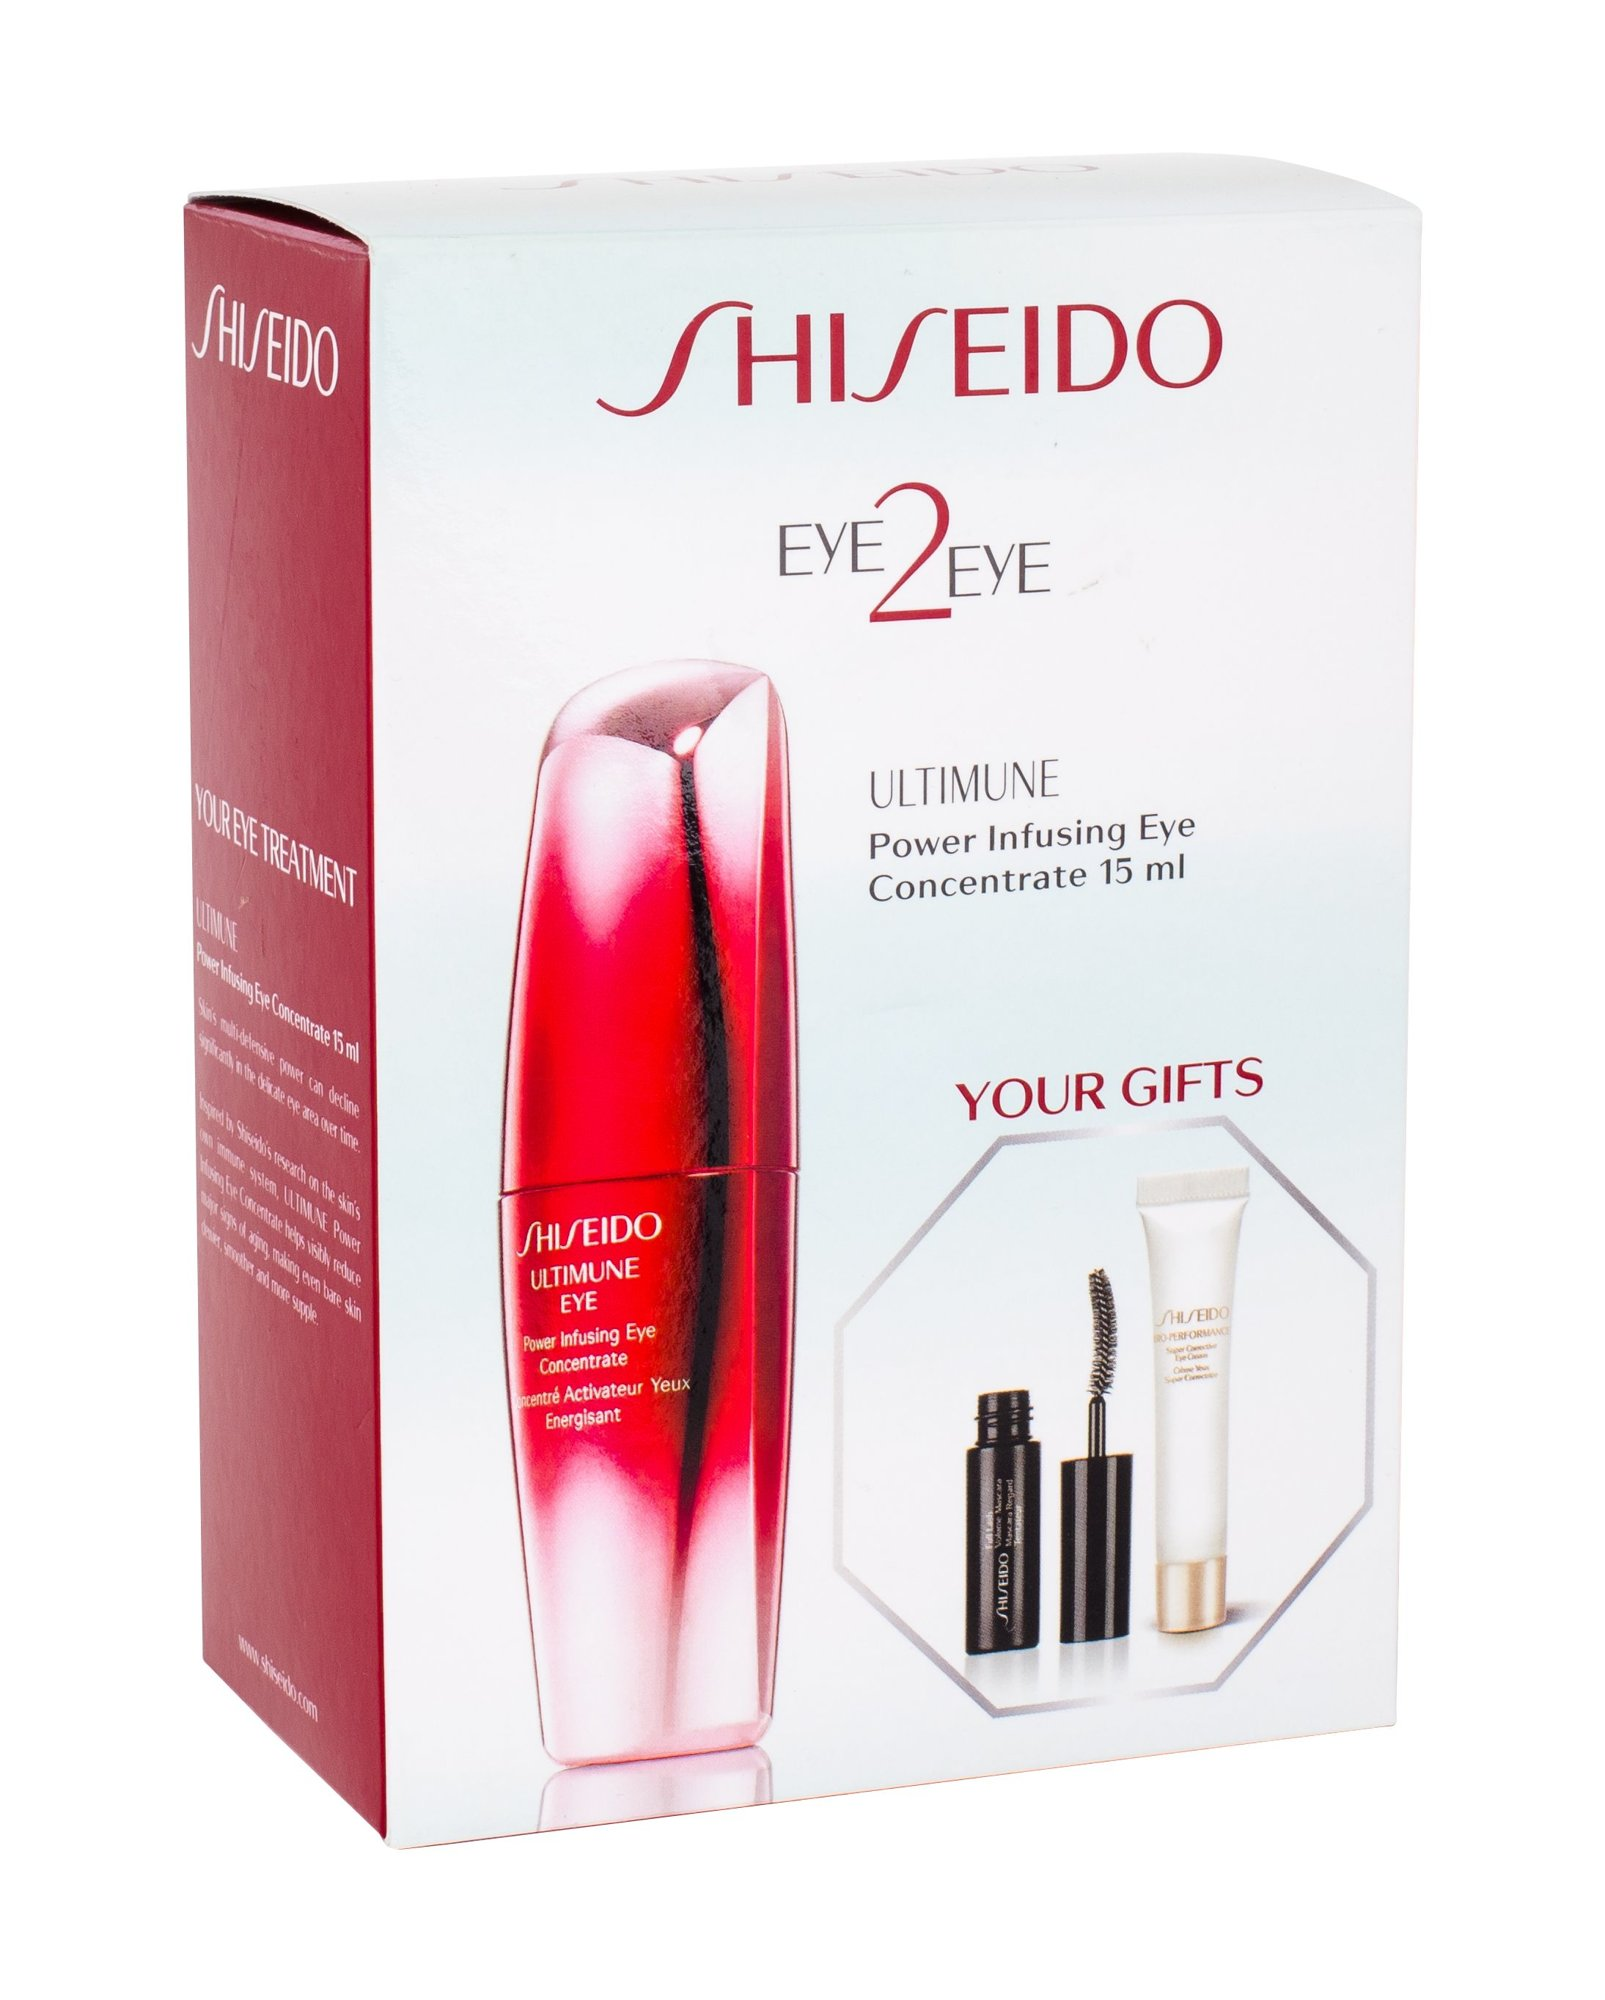 Shiseido Ultimune Eye Cosmetic 15ml